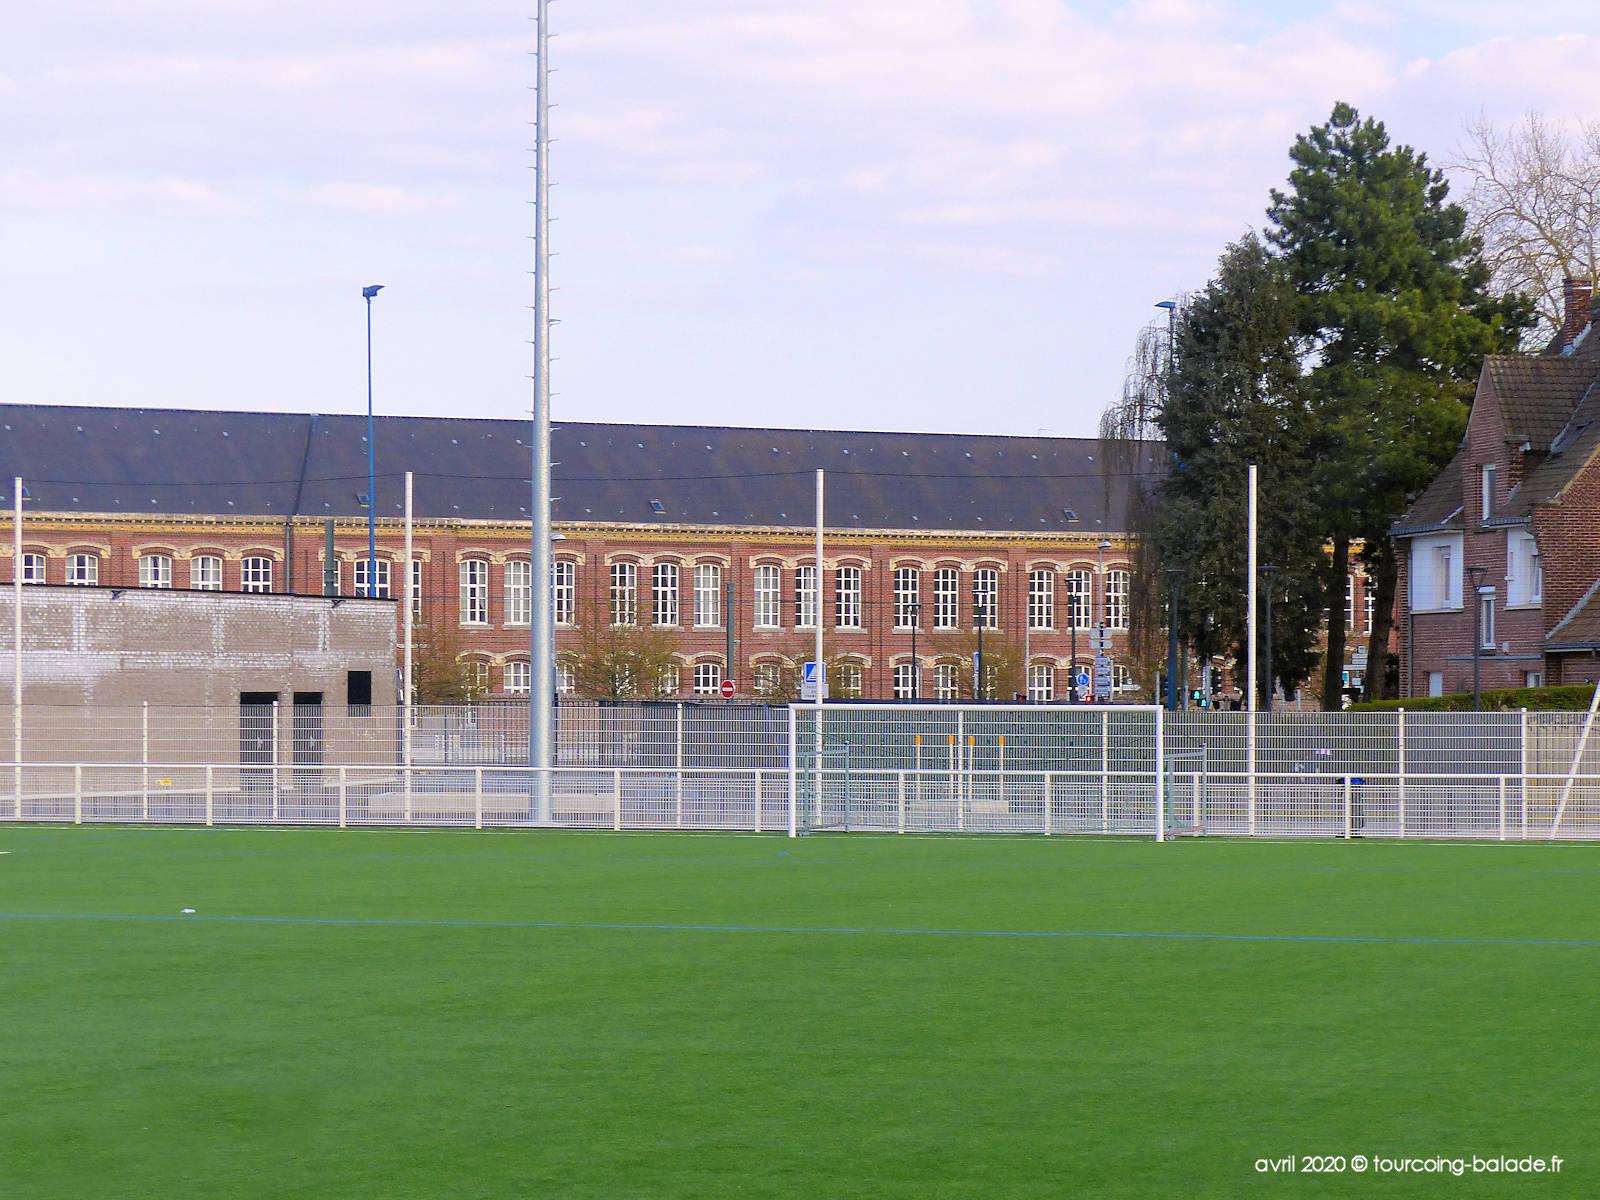 Stade Melbourne et Lycée Gambetta, Tourcoing